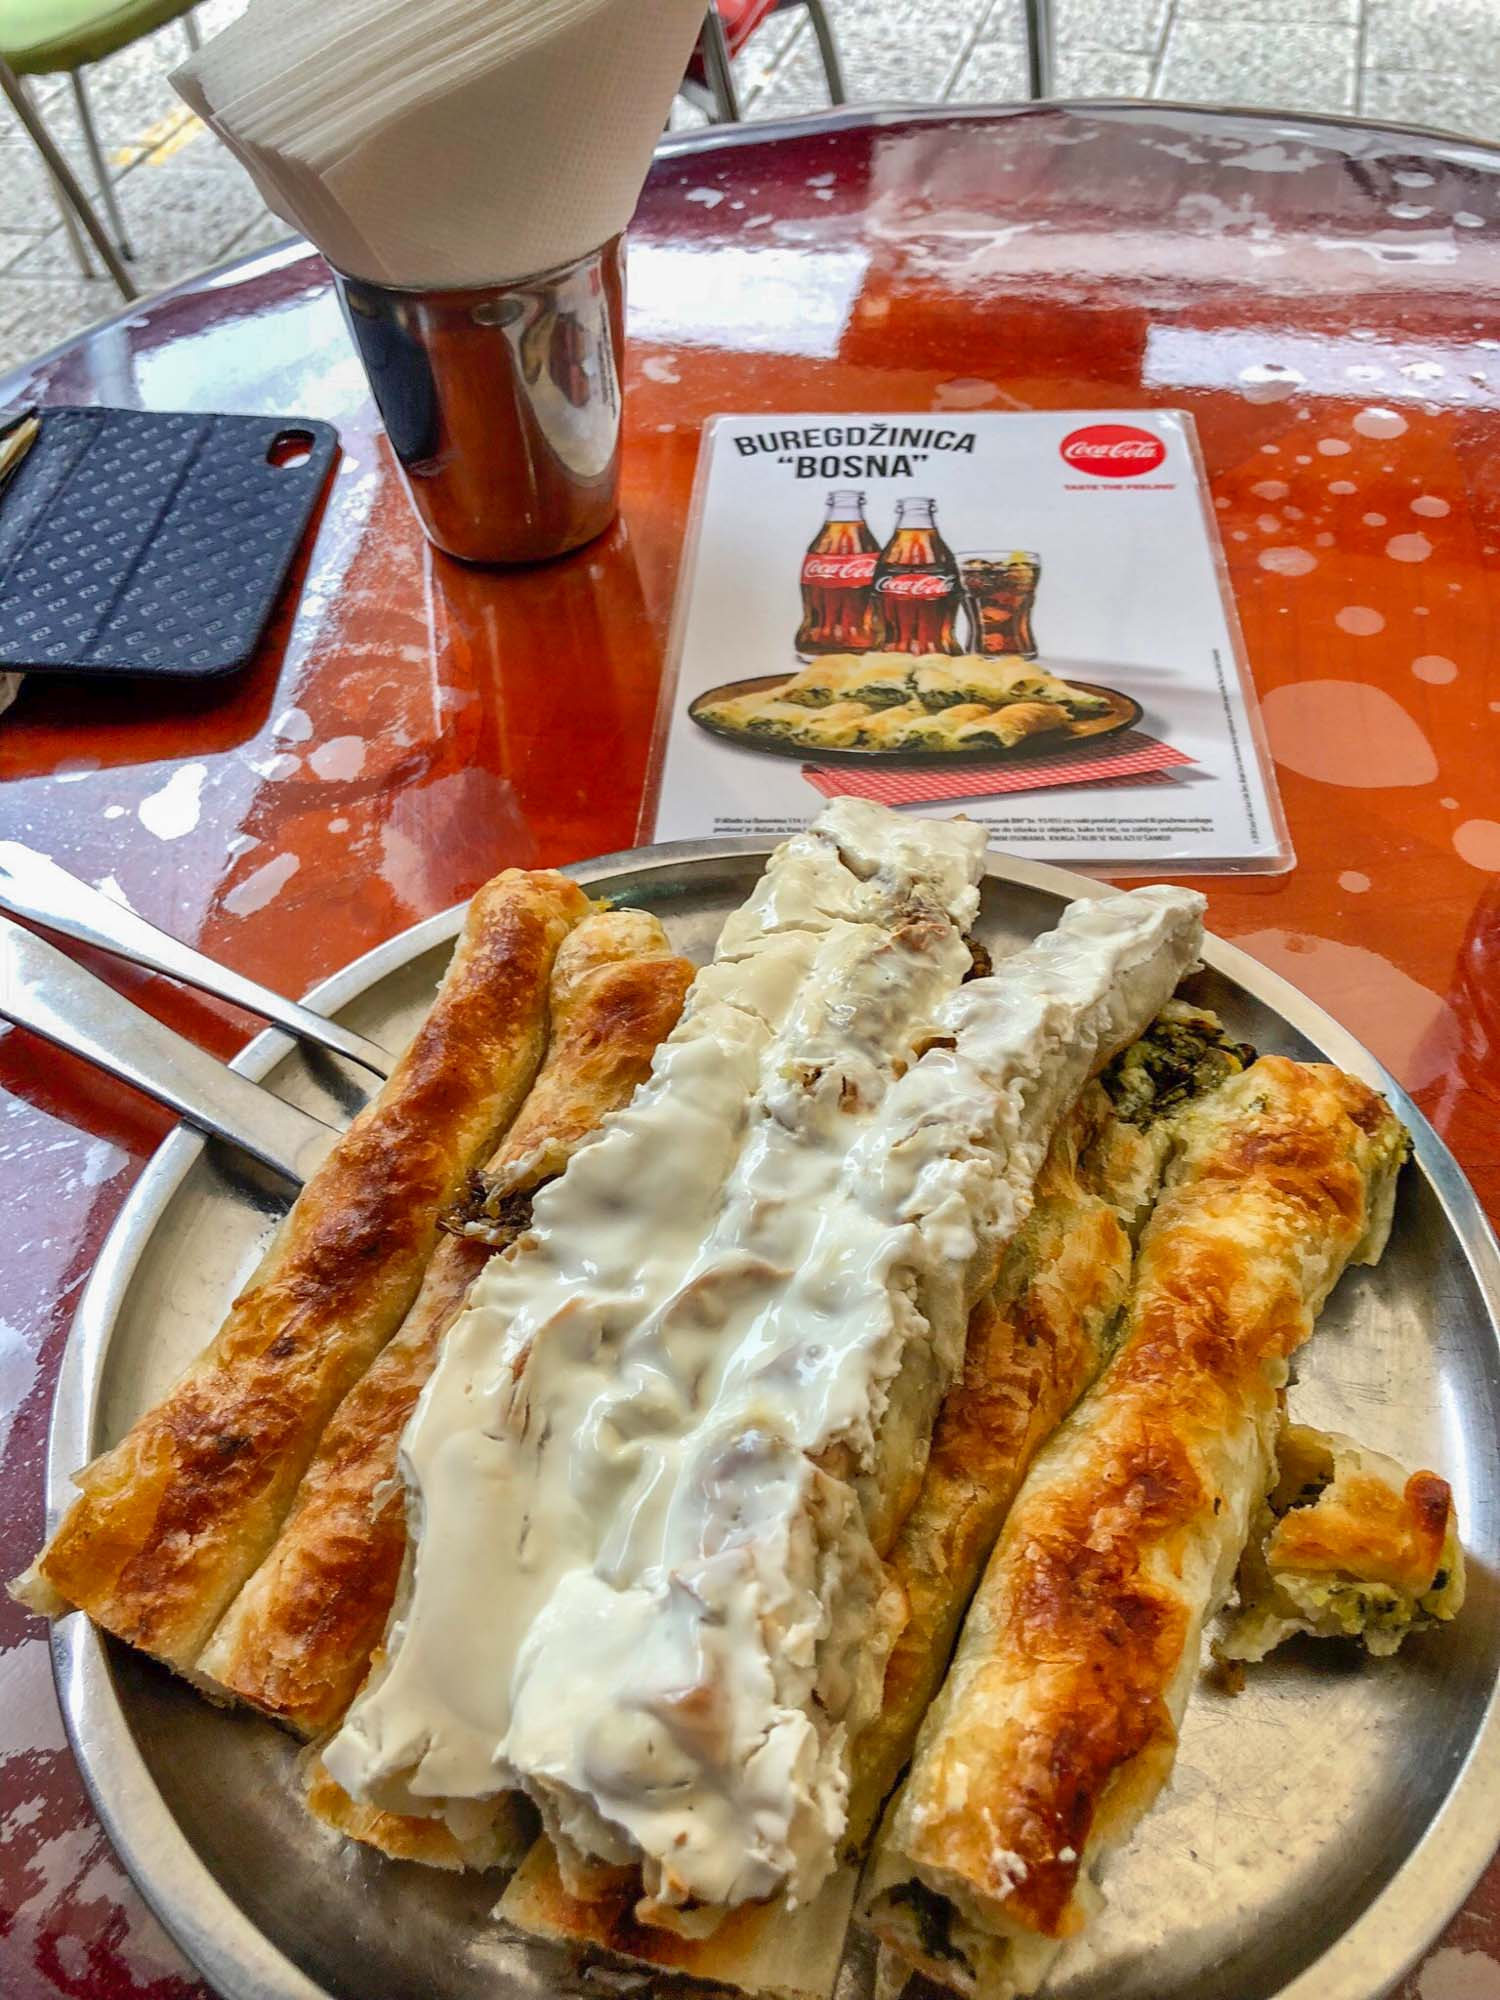 sarajevo food burek on a table